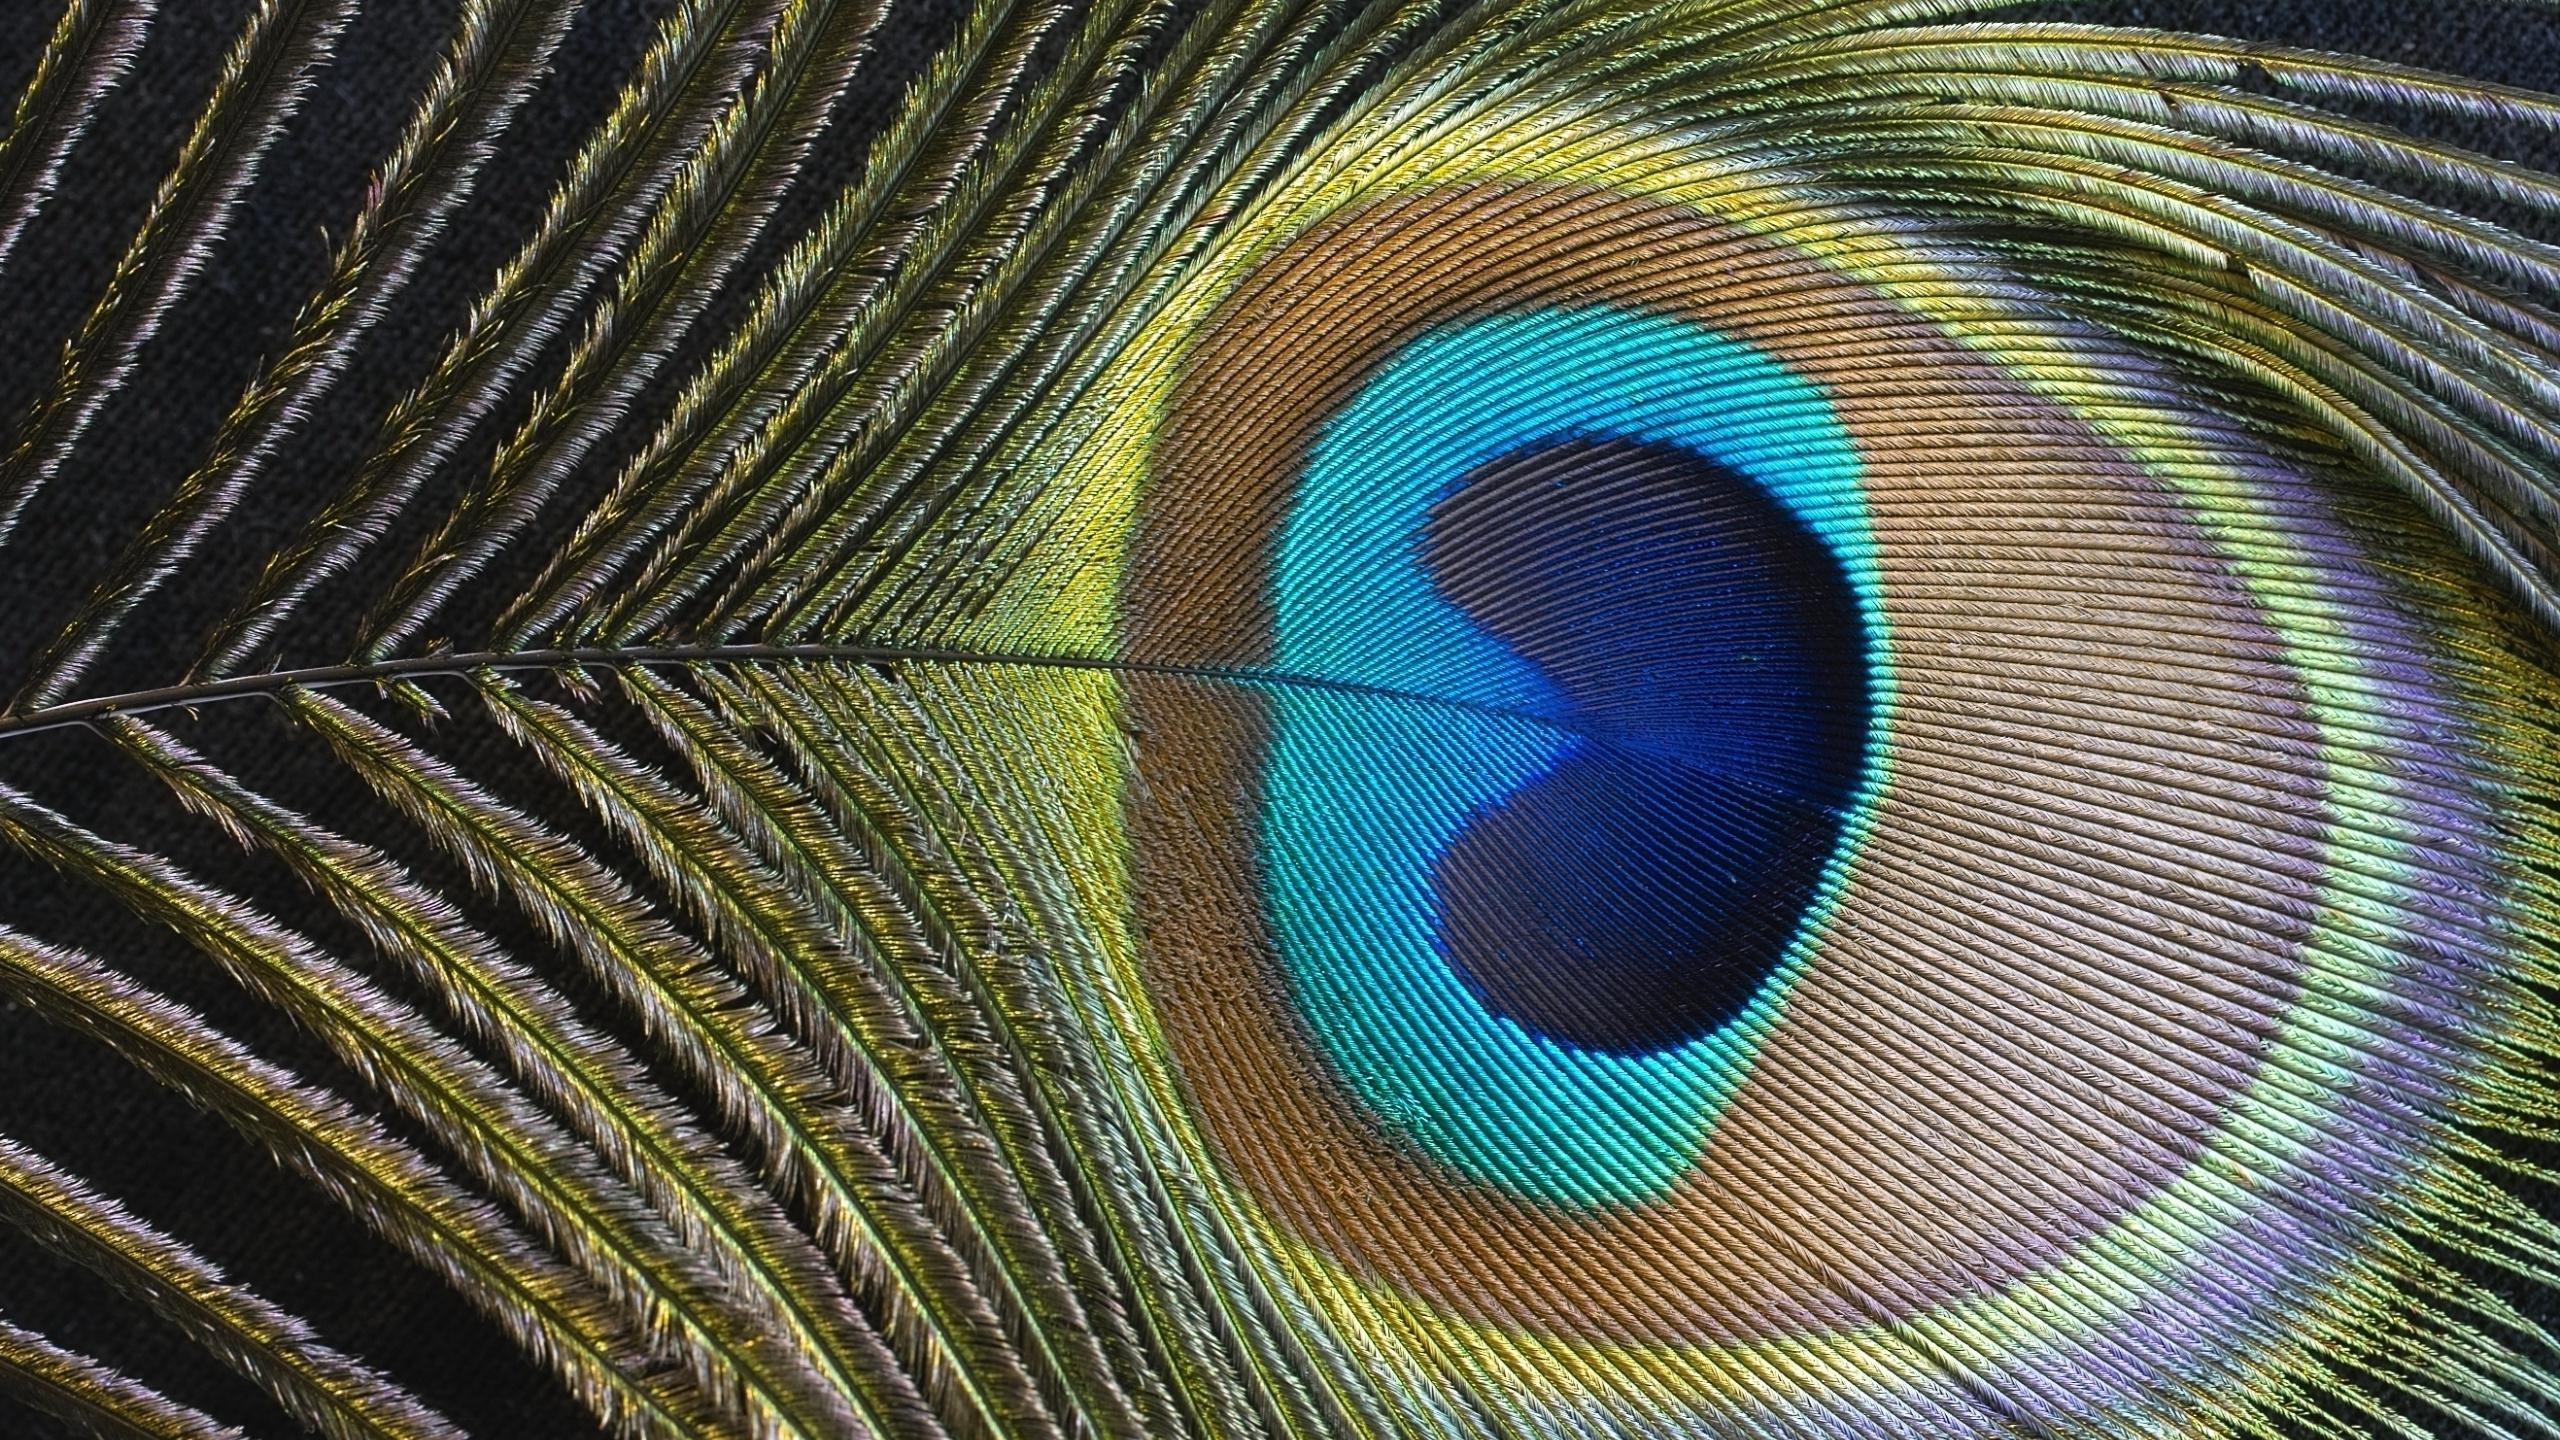 Peacock feather HD desktop wallpaper Widescreen High 2560x1440